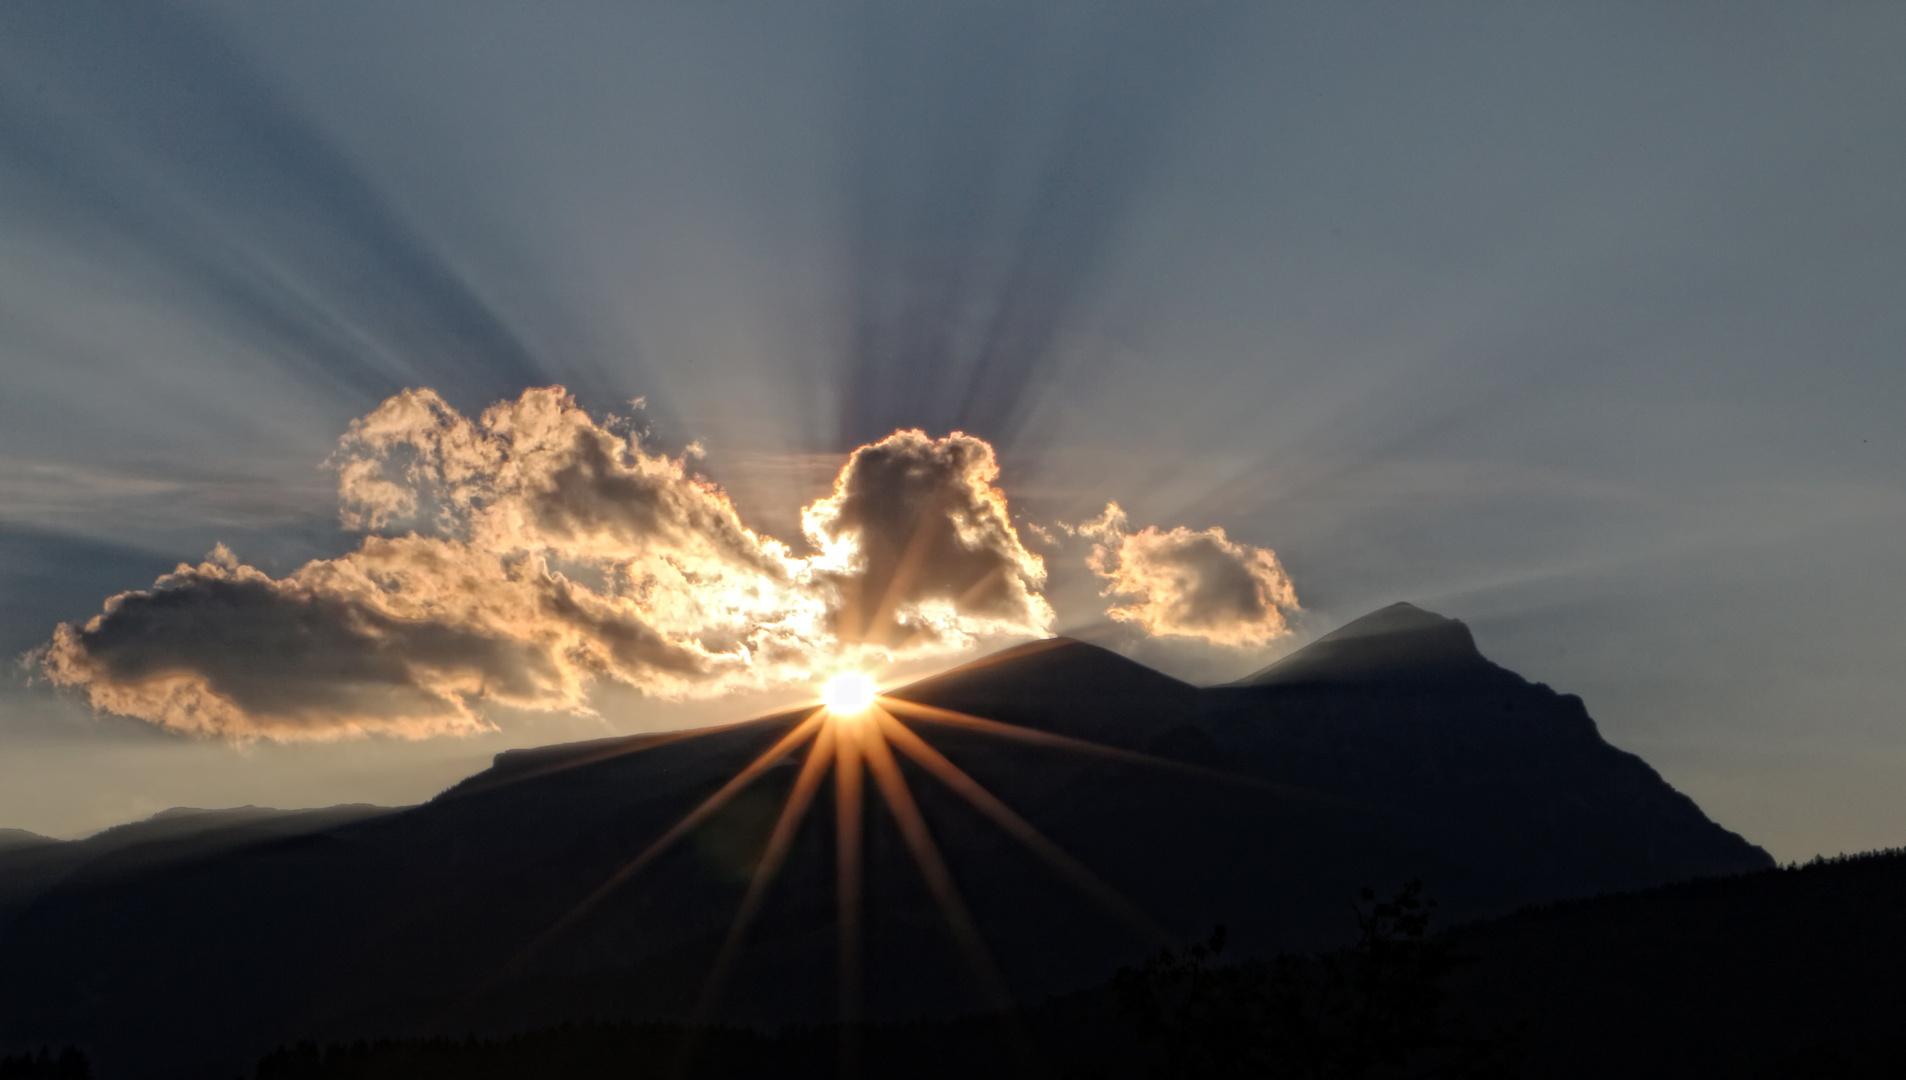 Ein letzter Sonnenstrahl